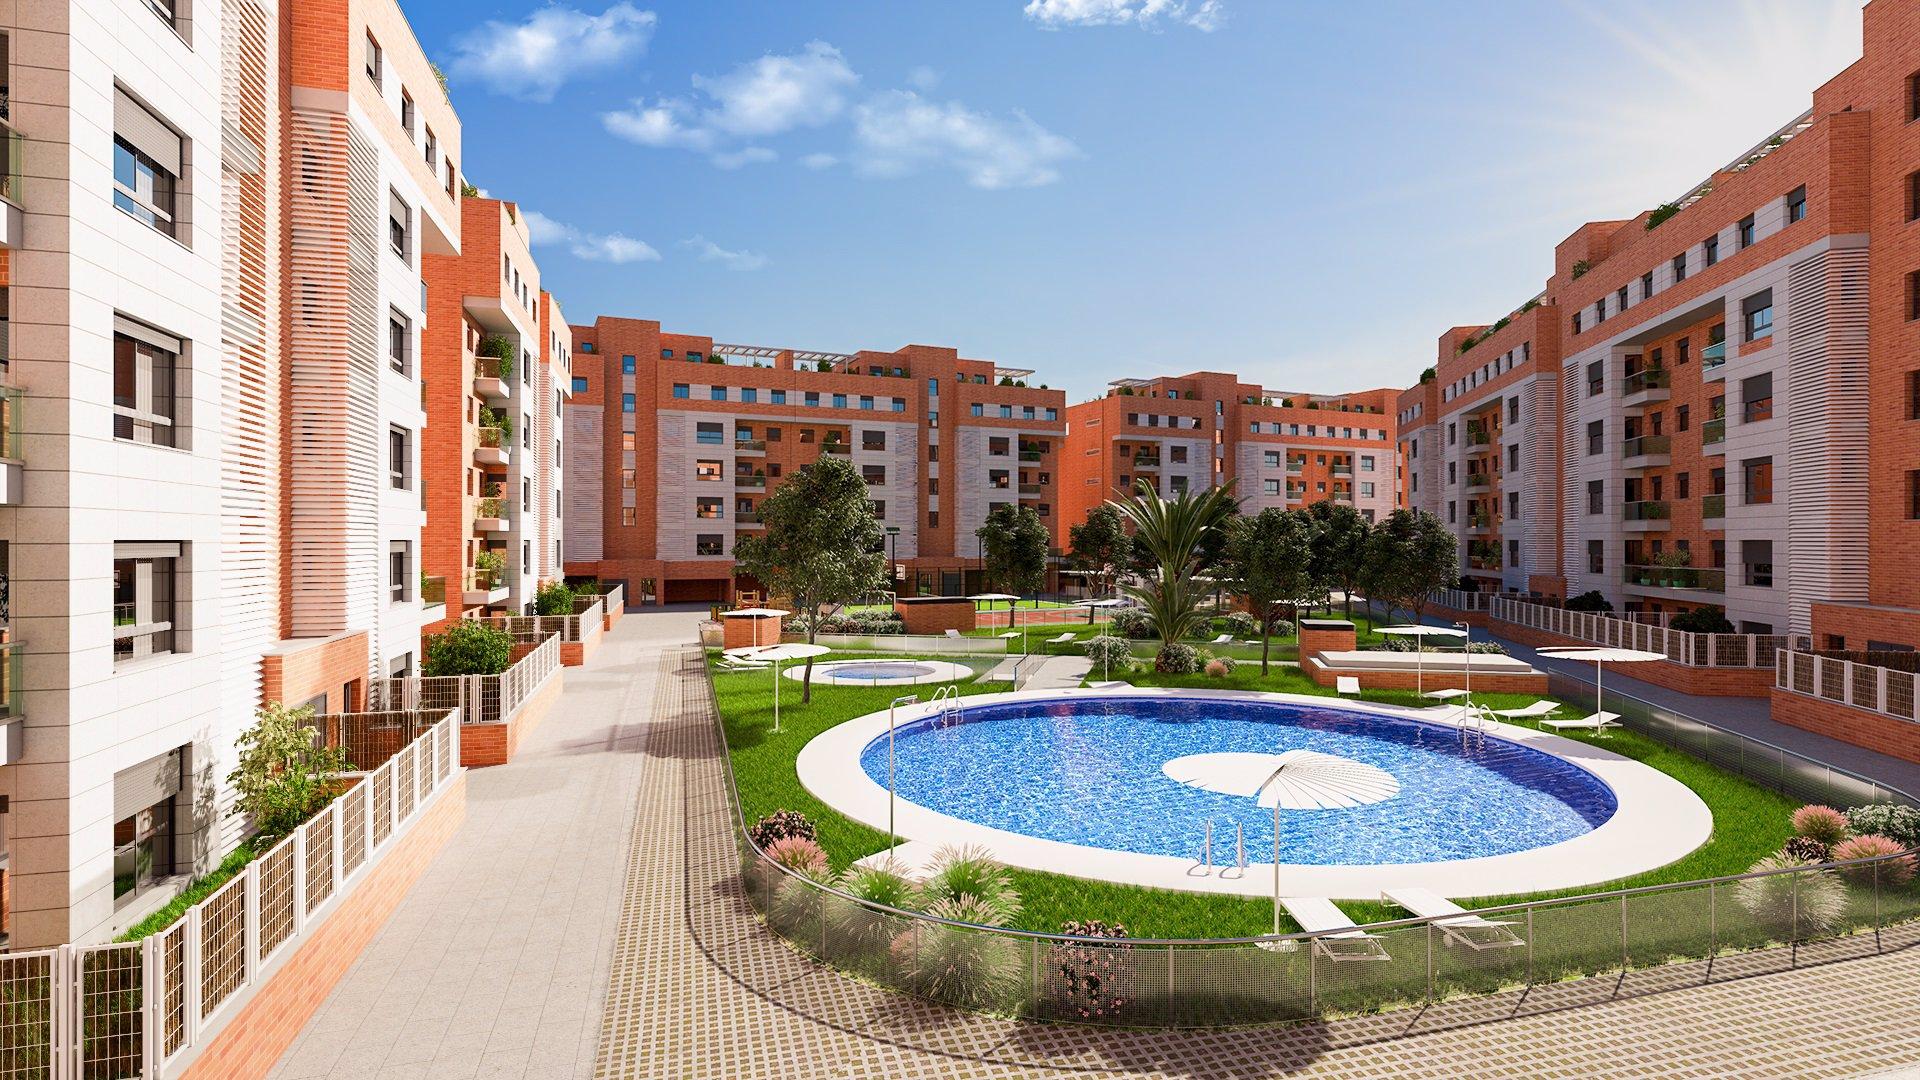 La compraventa de viviendas en Andalucía crece un 67% en agosto respecto al mismo mes del año anterior